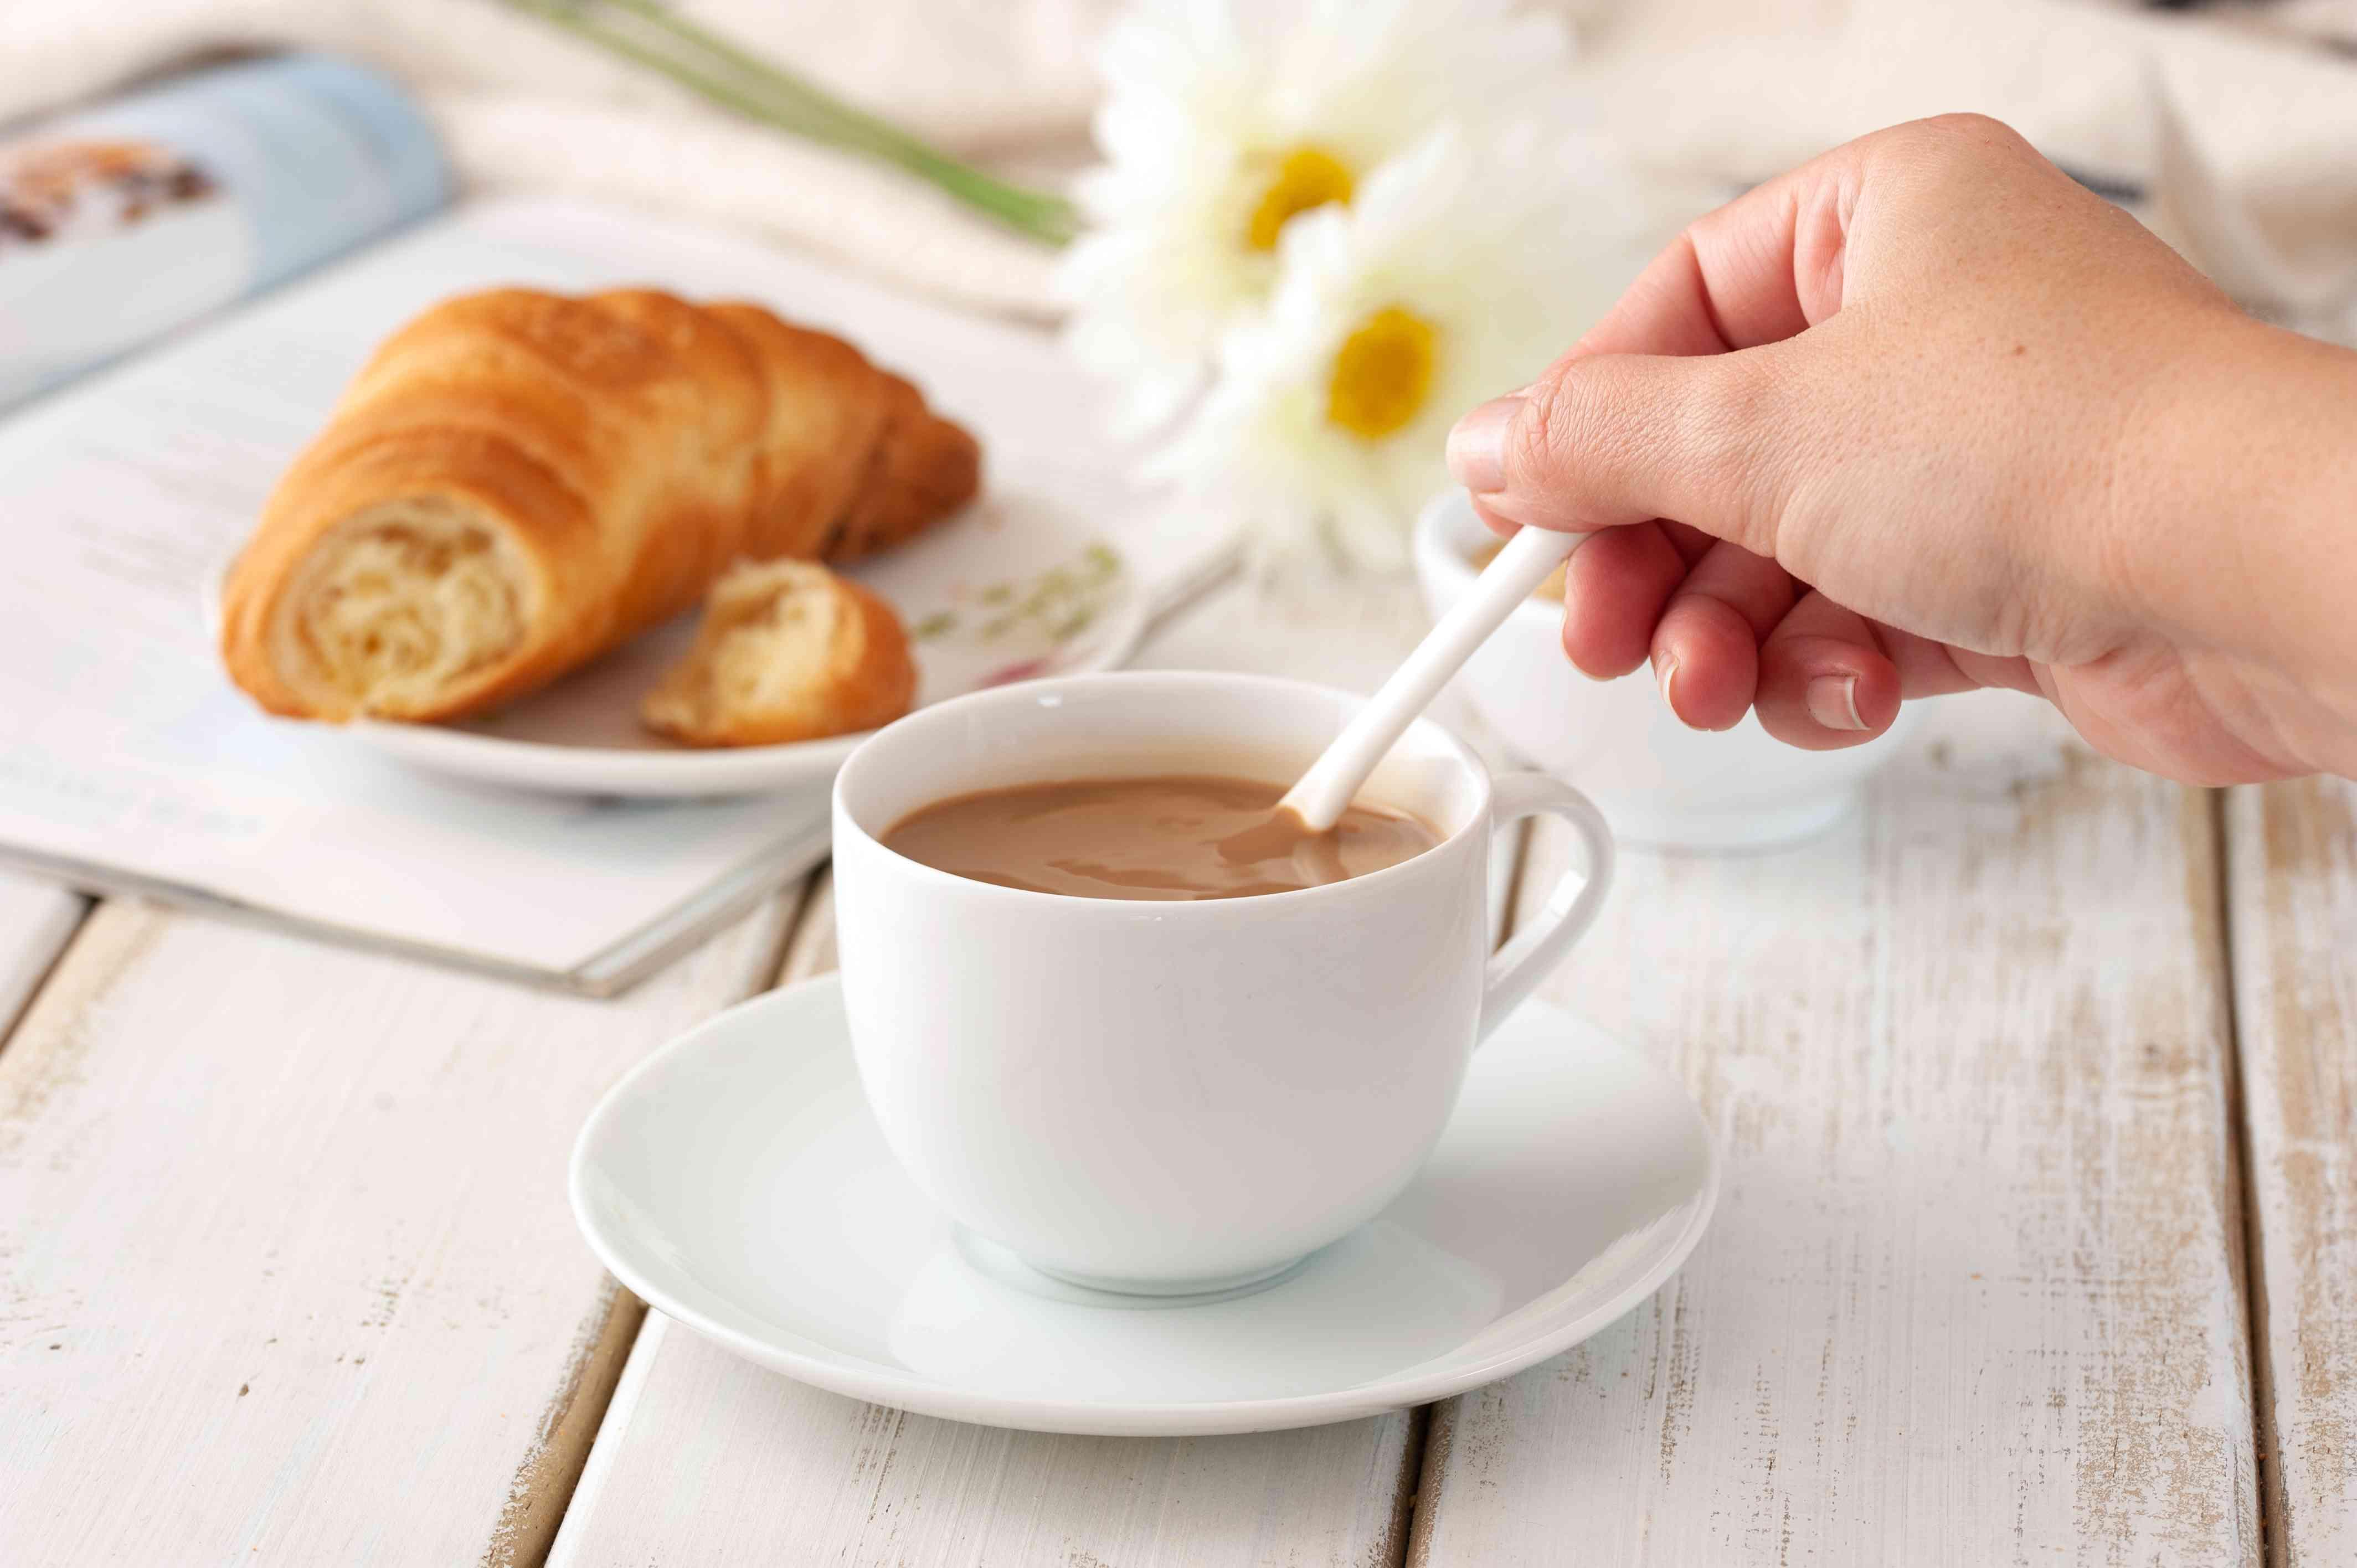 Stir café au lait